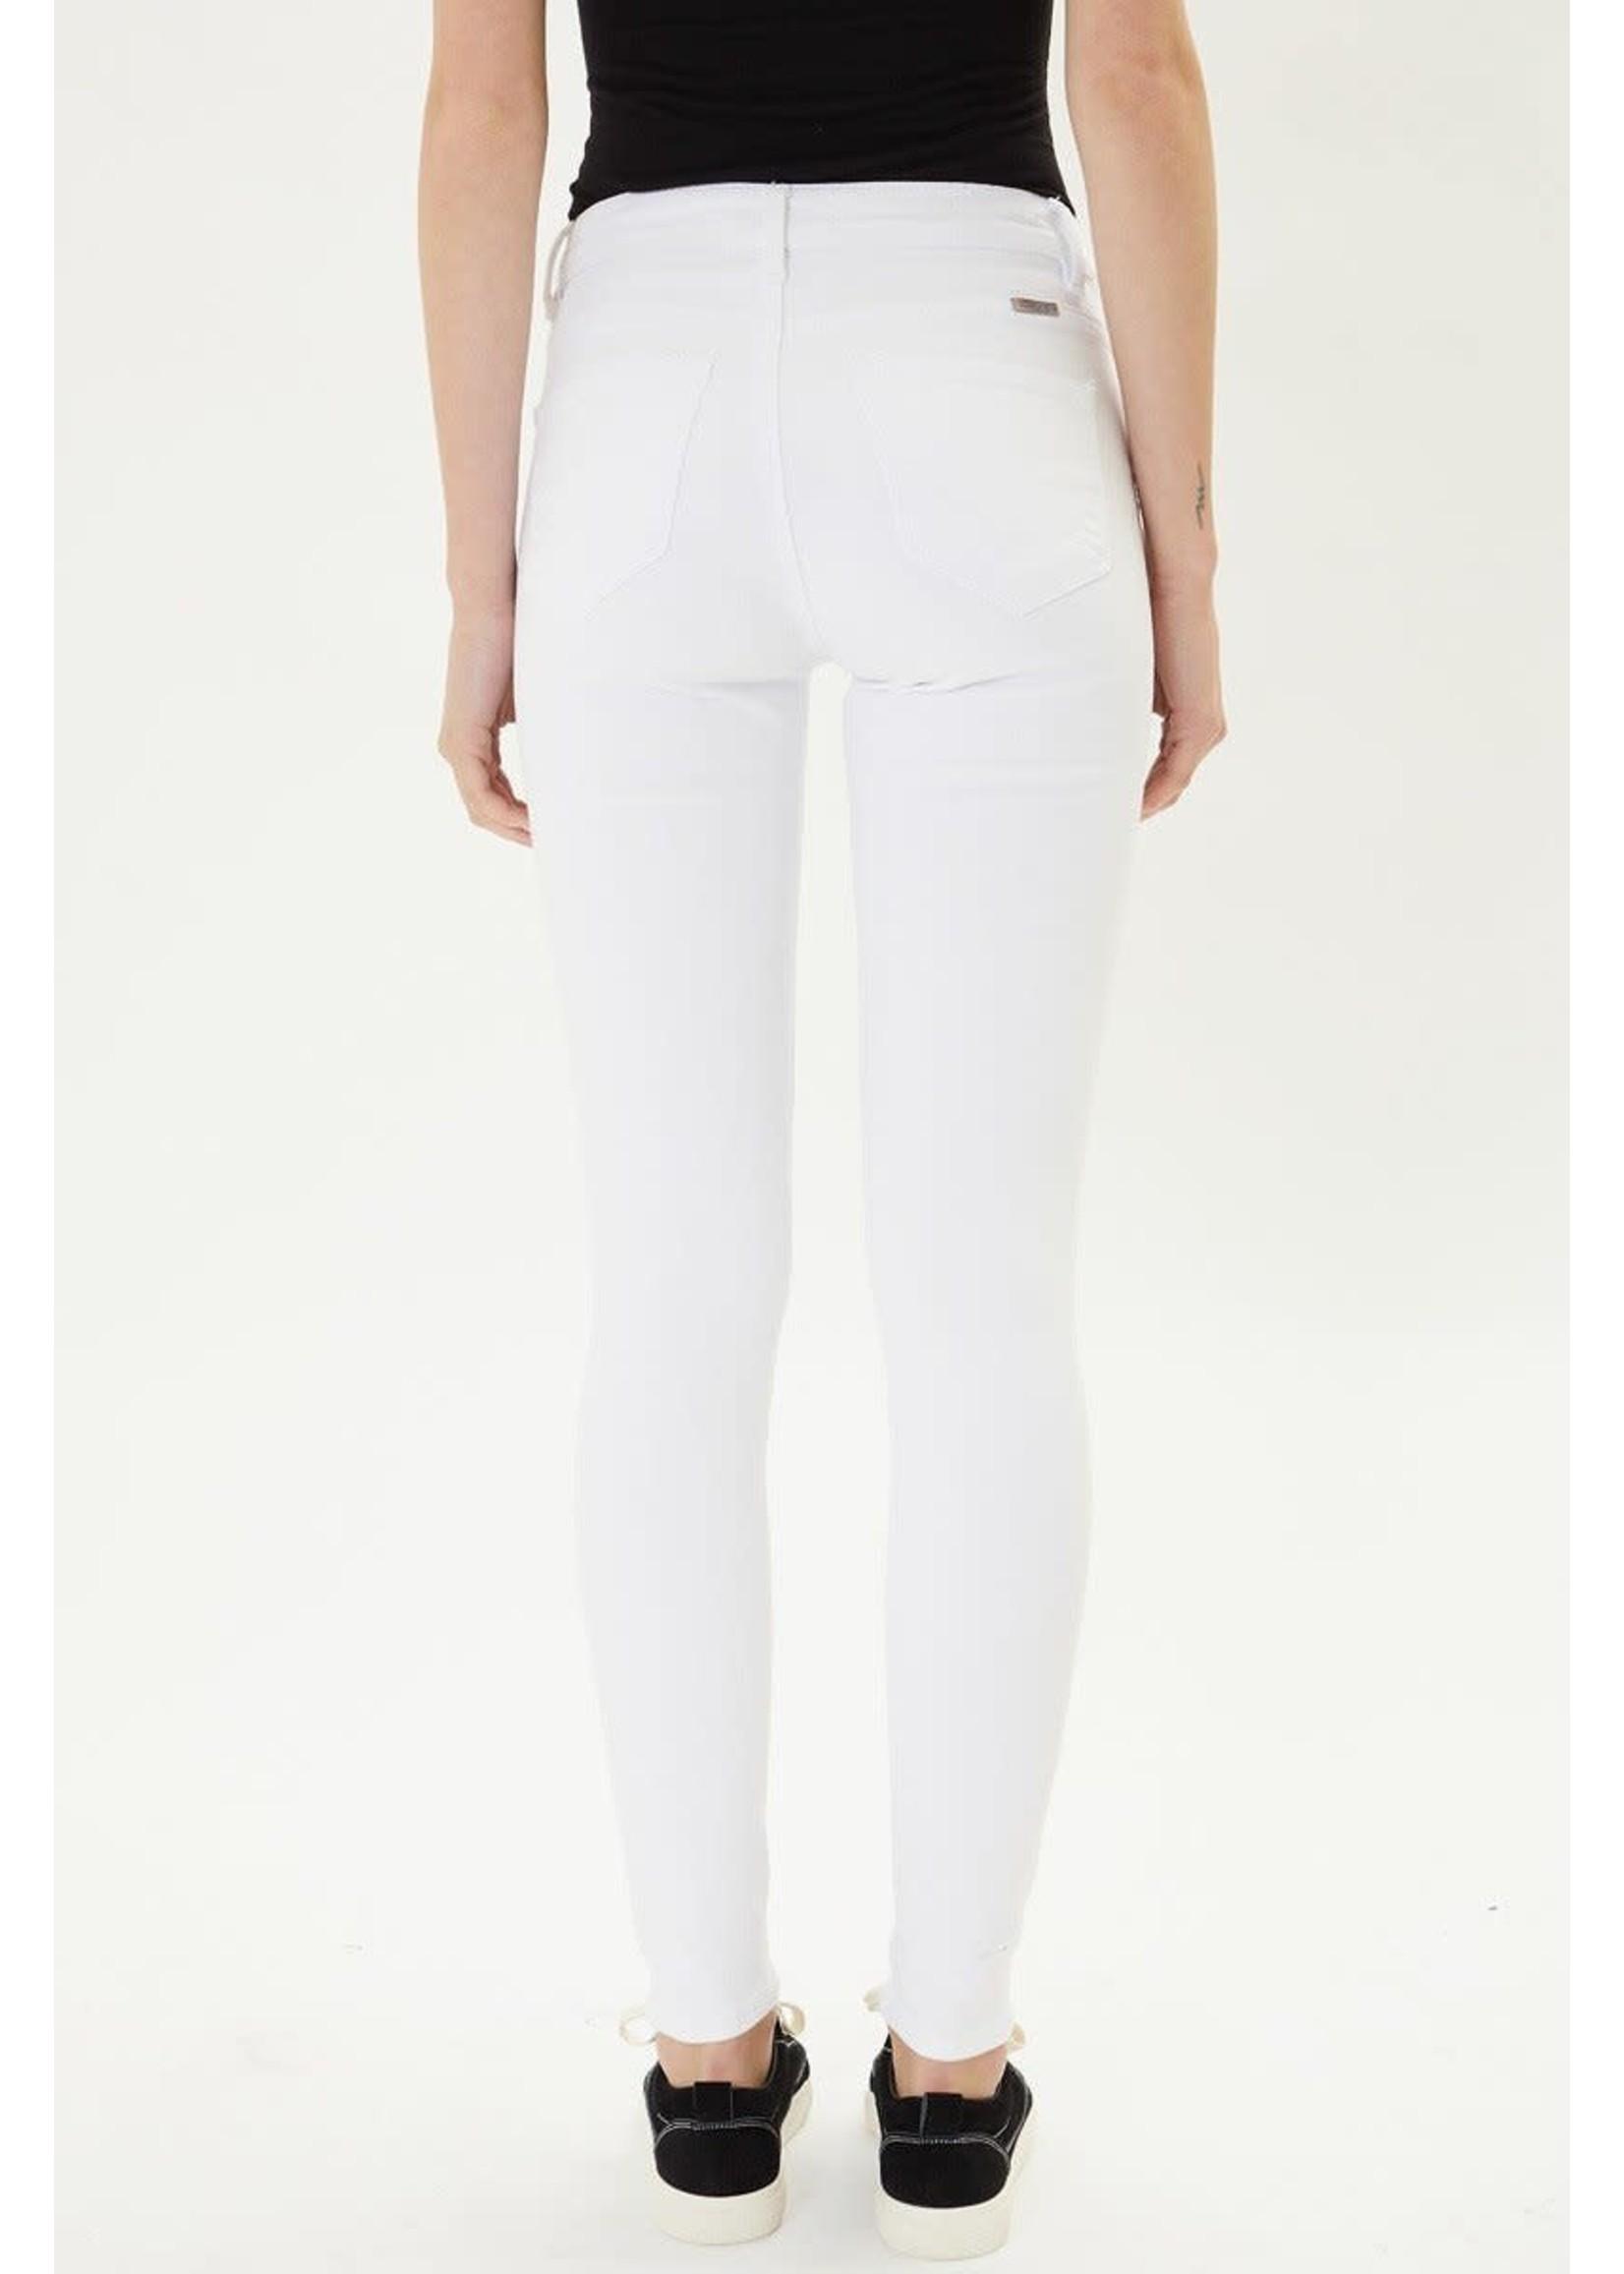 Kancan High Rise Super Skinny White Jeans